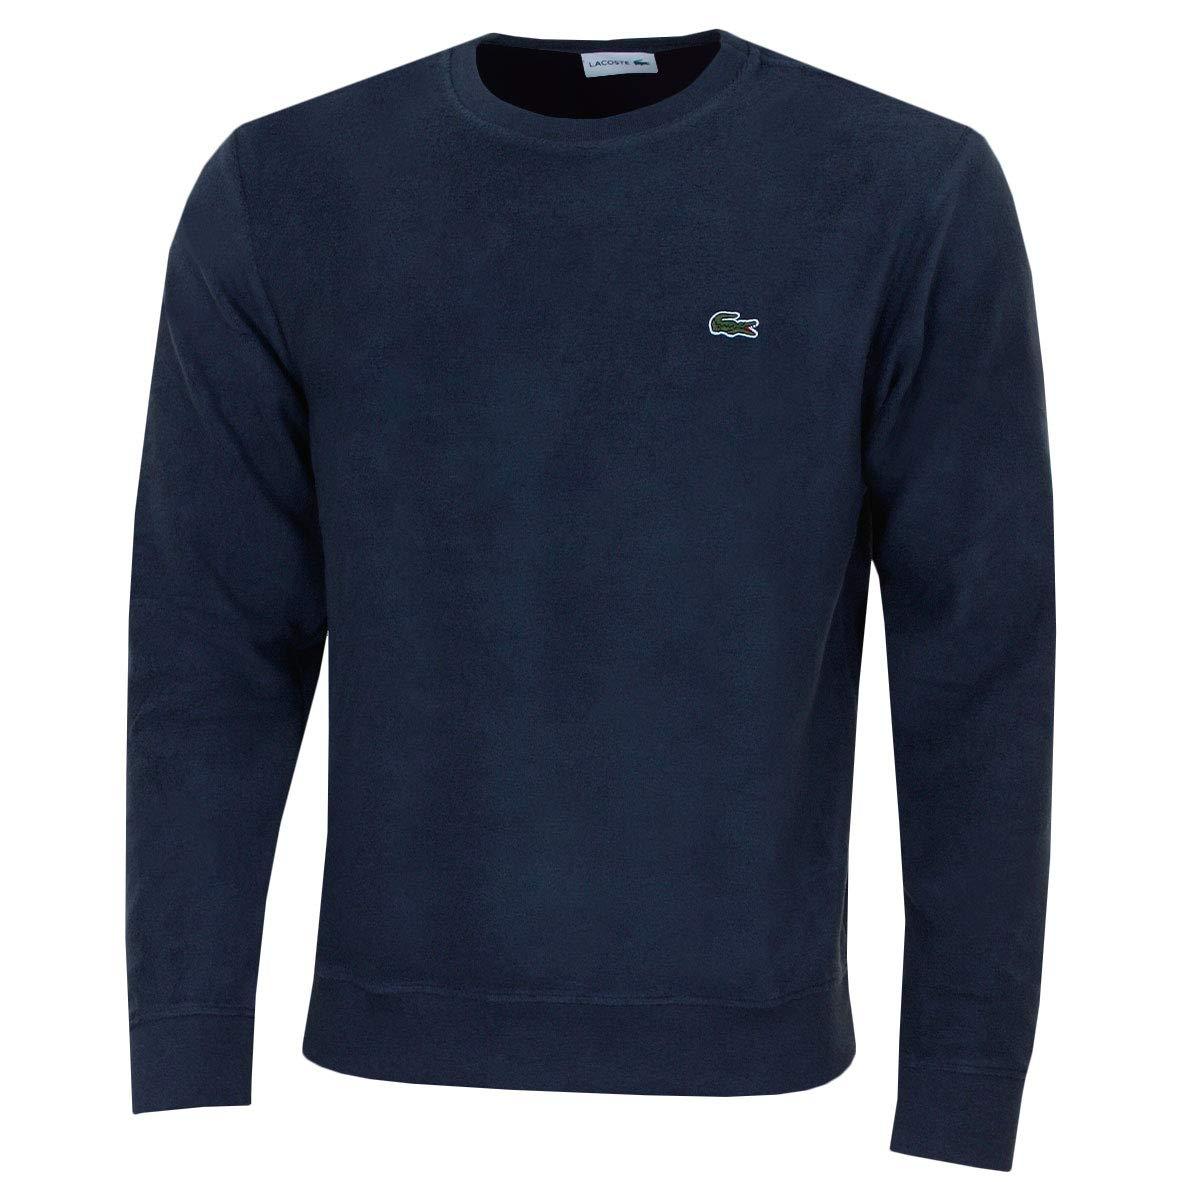 Lacoste Herren mit Rundhalsausschnitt Baumwolle Terry und Cashmere-Sweatshirt